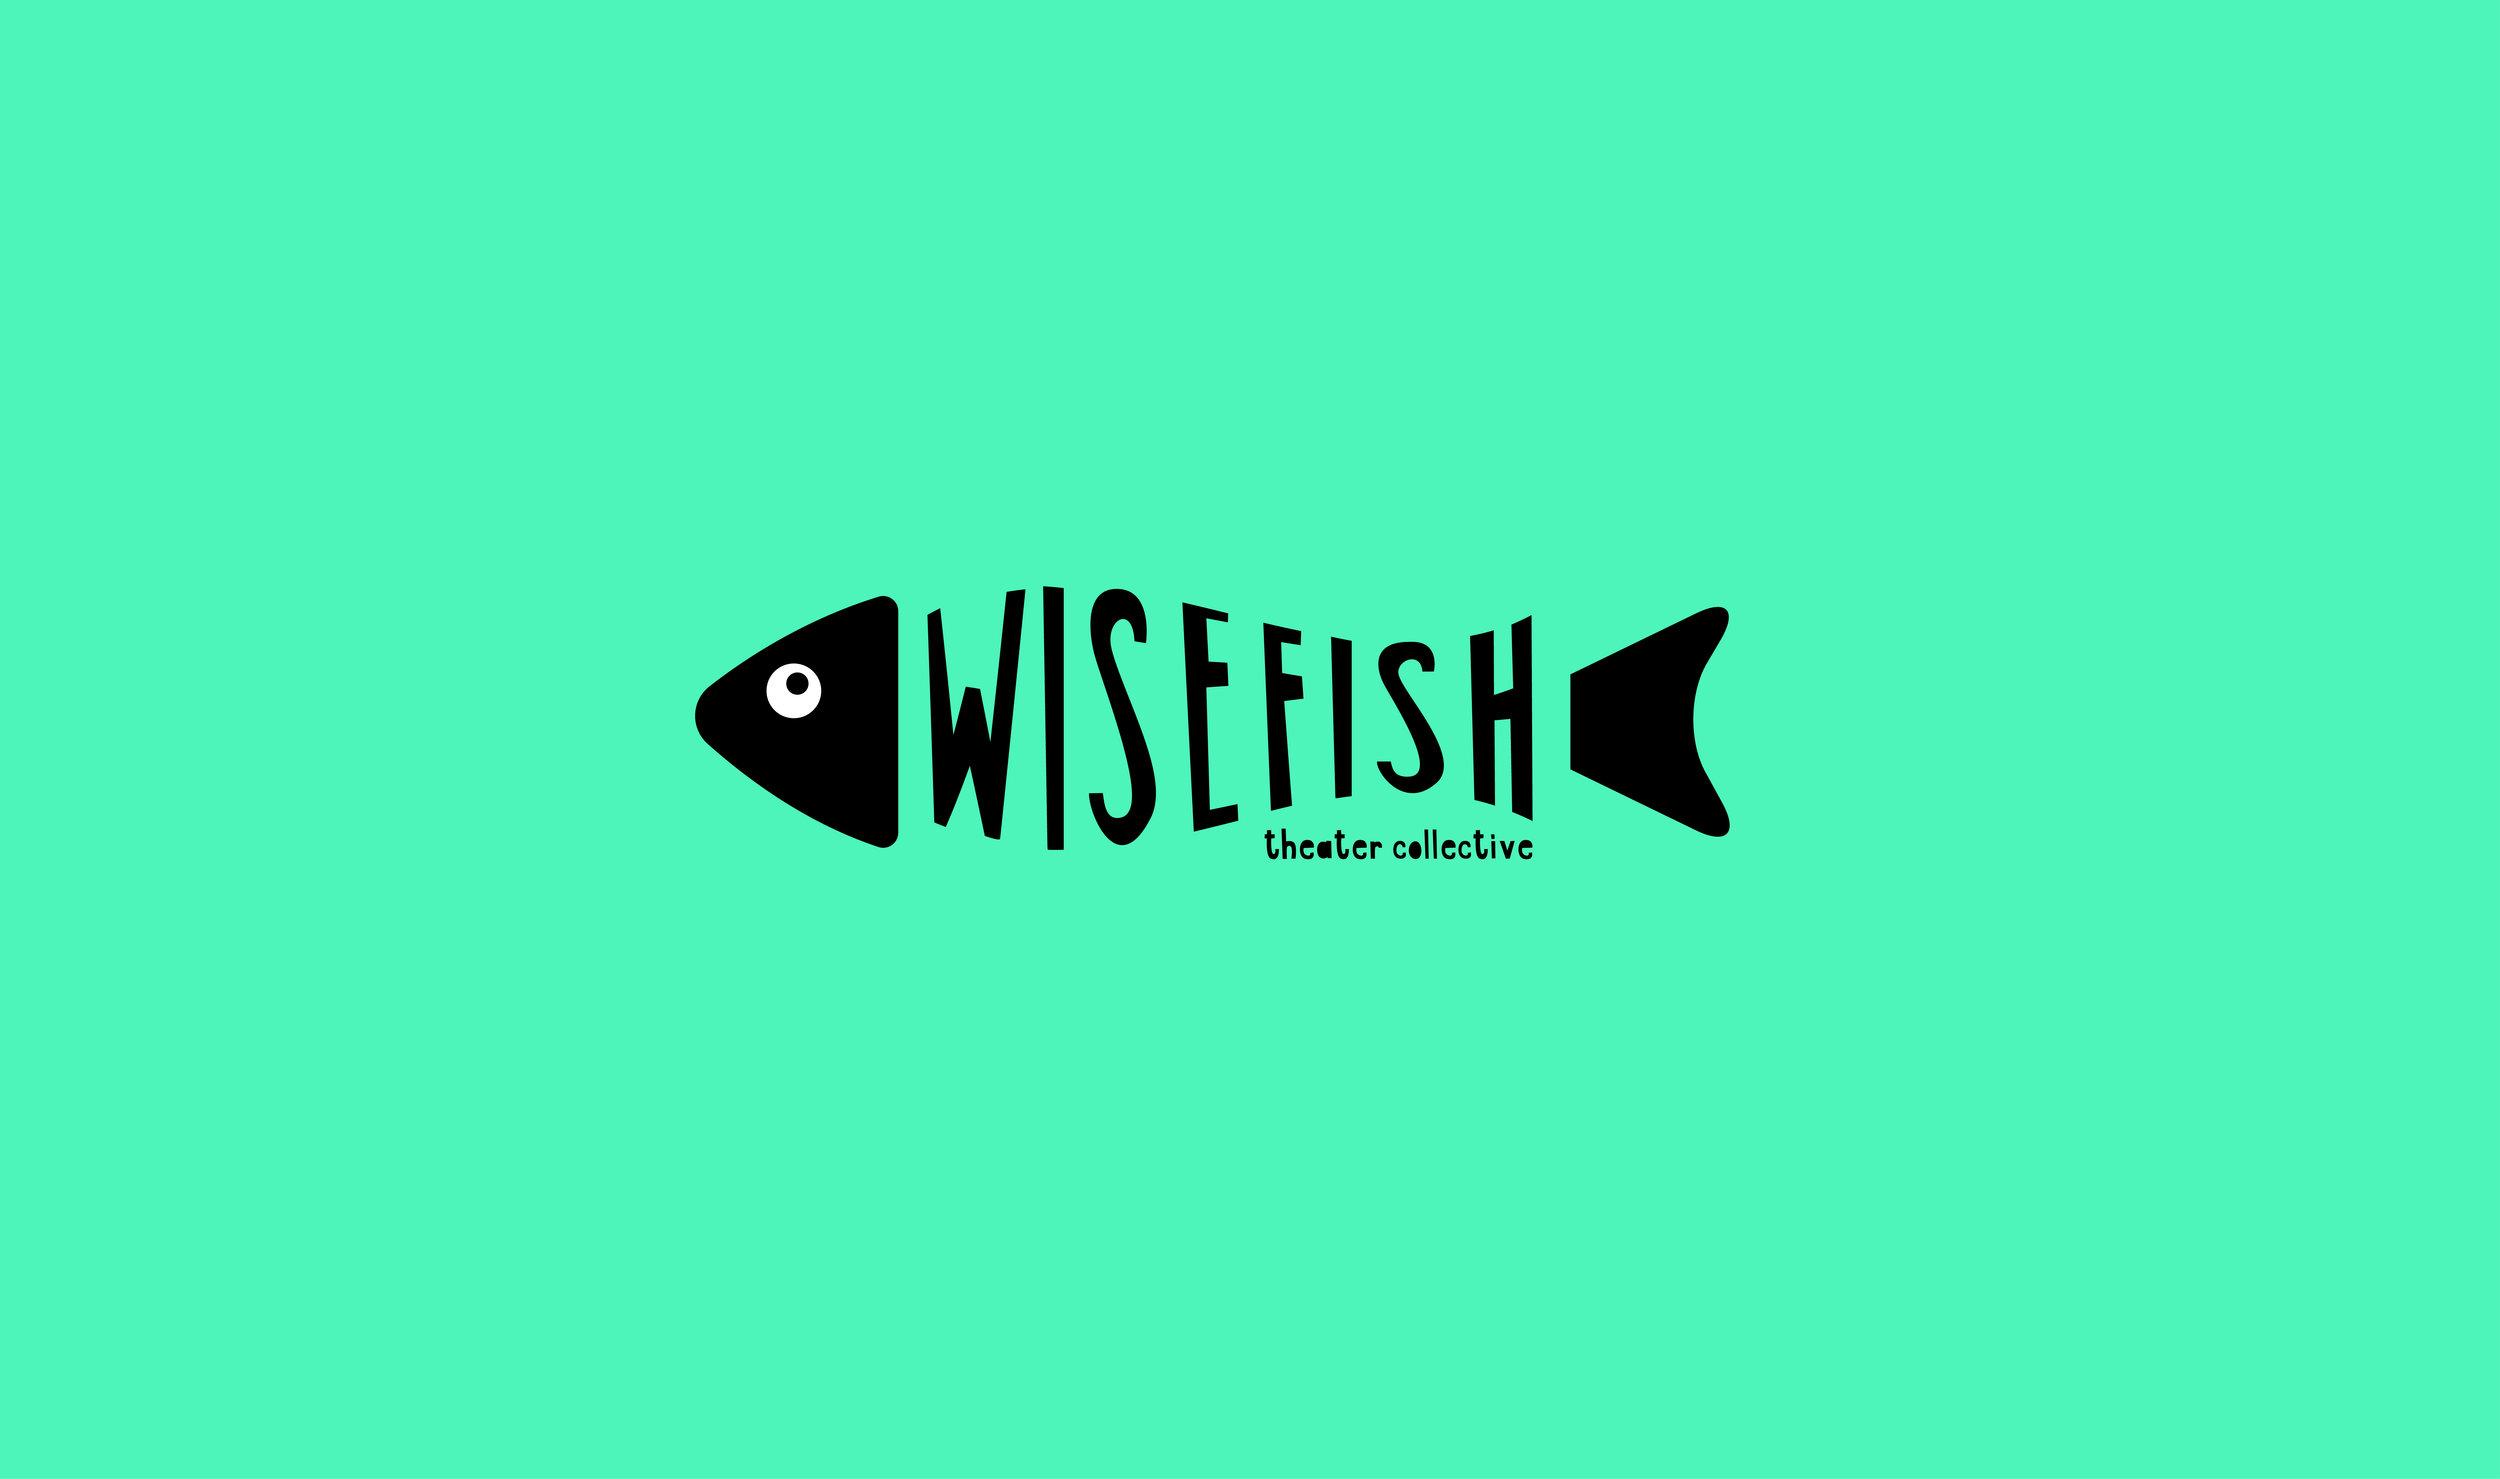 Wisefish Logo Turquoise.jpg